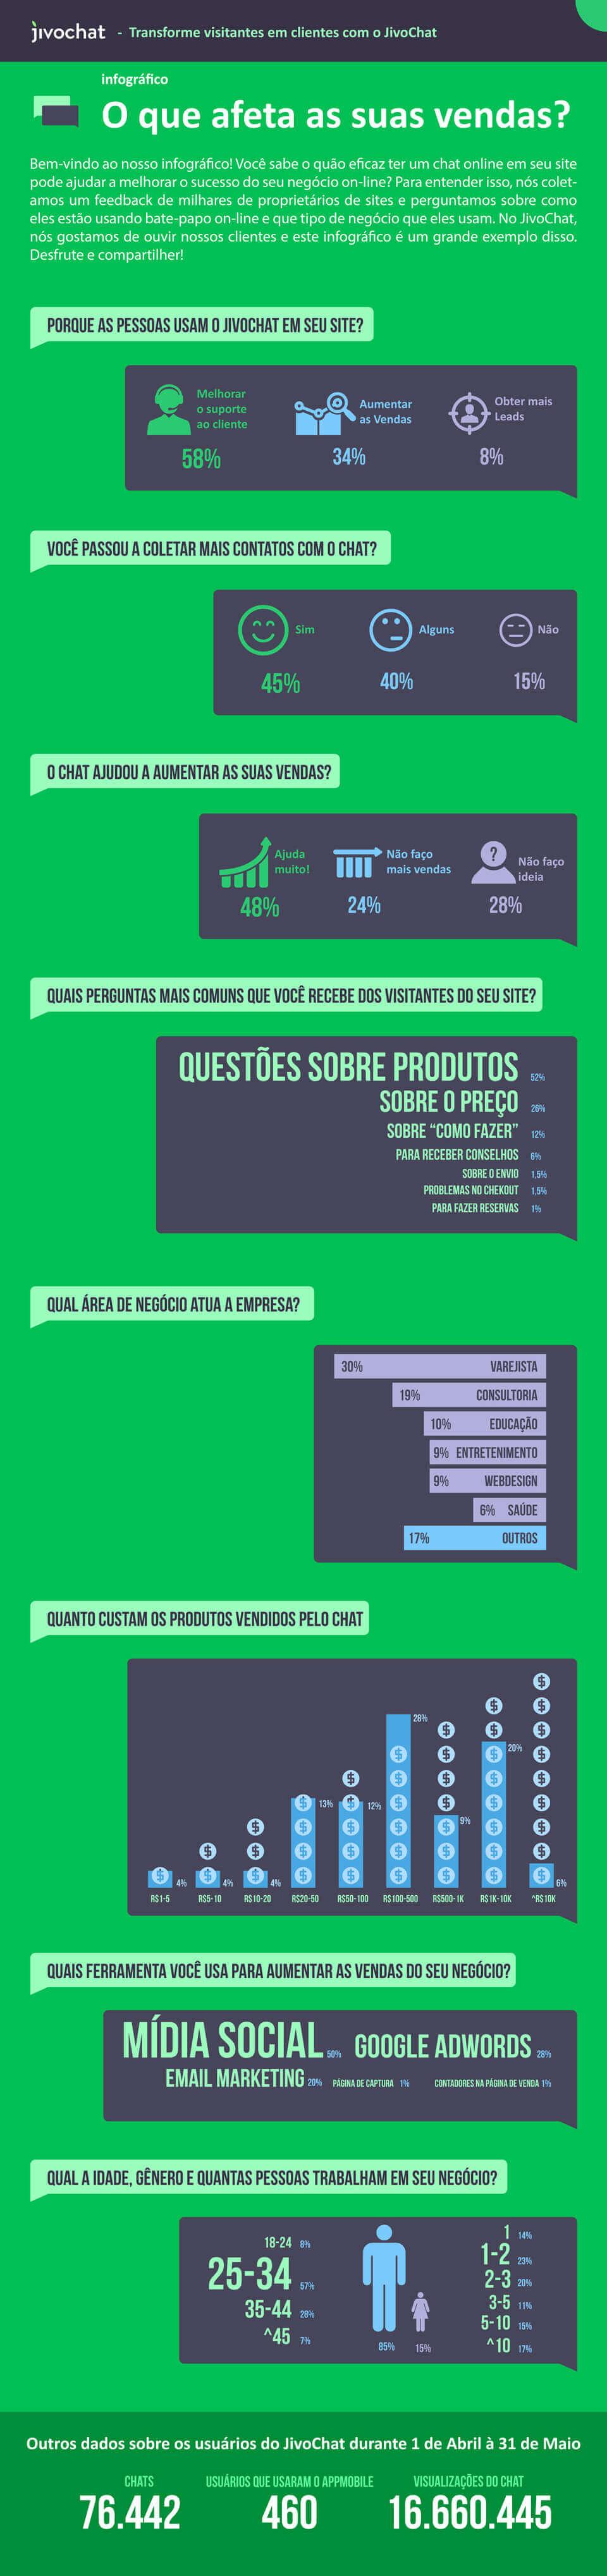 Infográfico - O que afeta as suas vendas